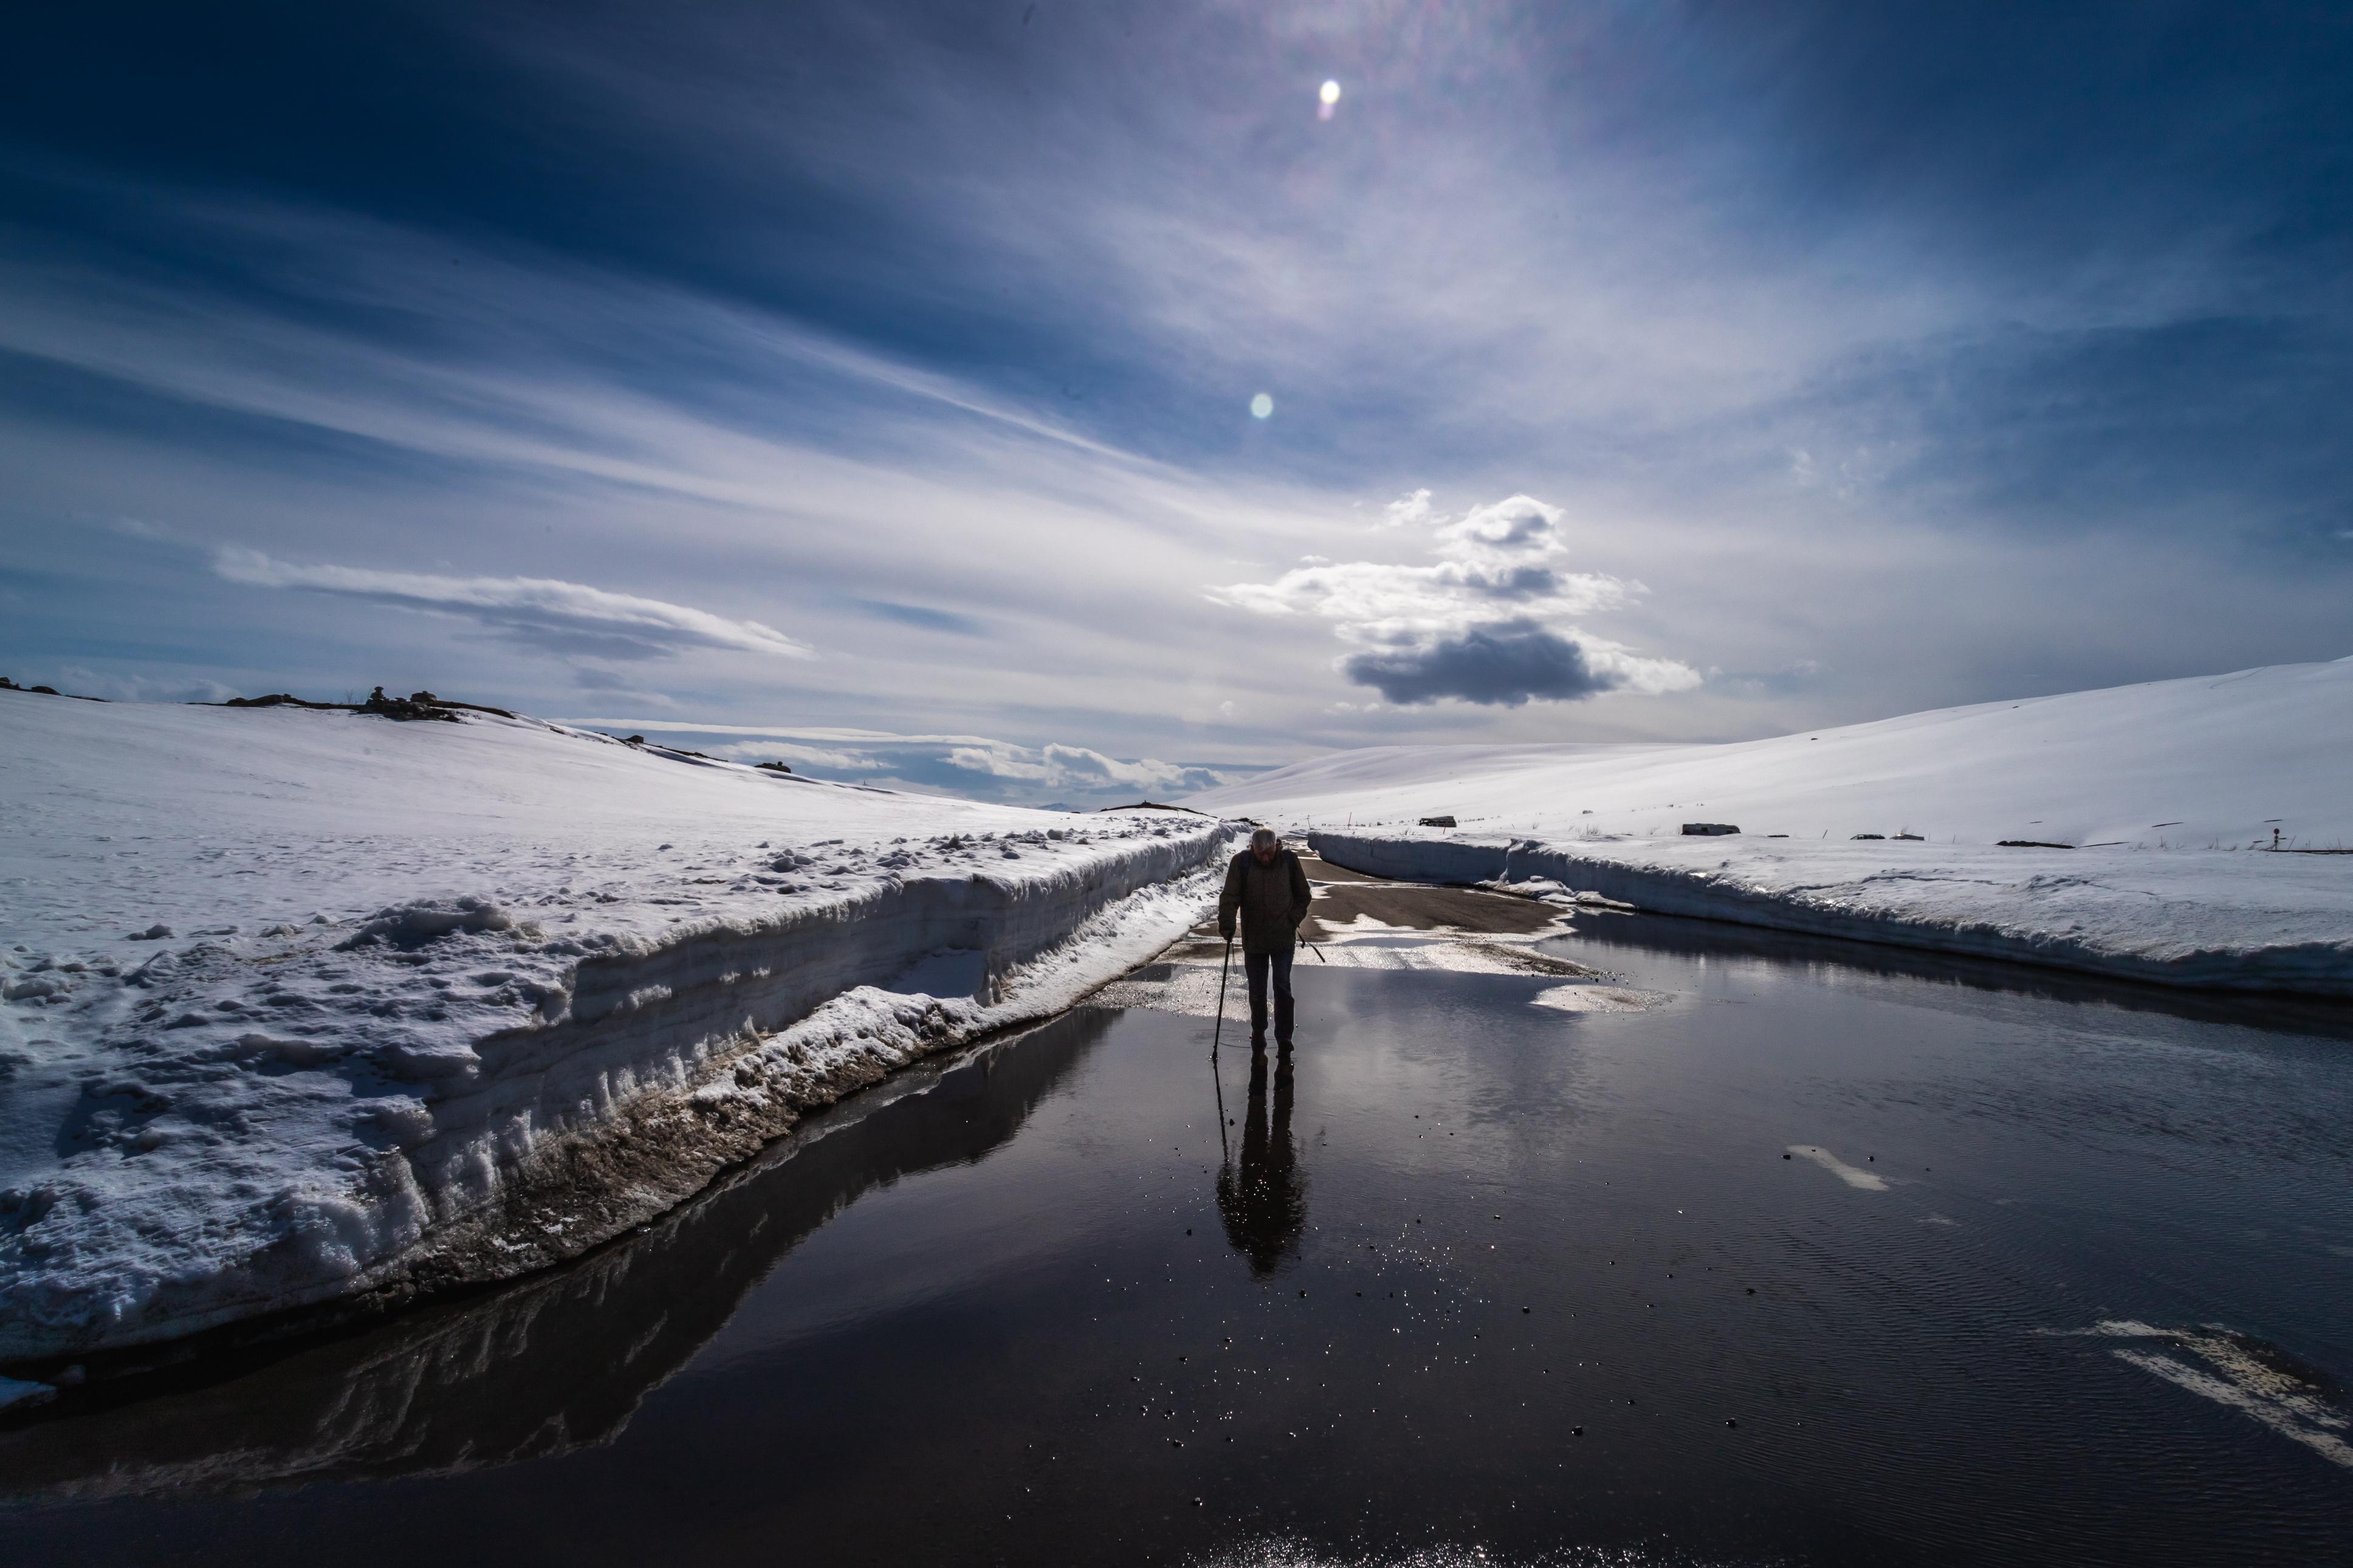 Een rondreis door Europa, met Noorwegen als onbetwist hoogtepunt